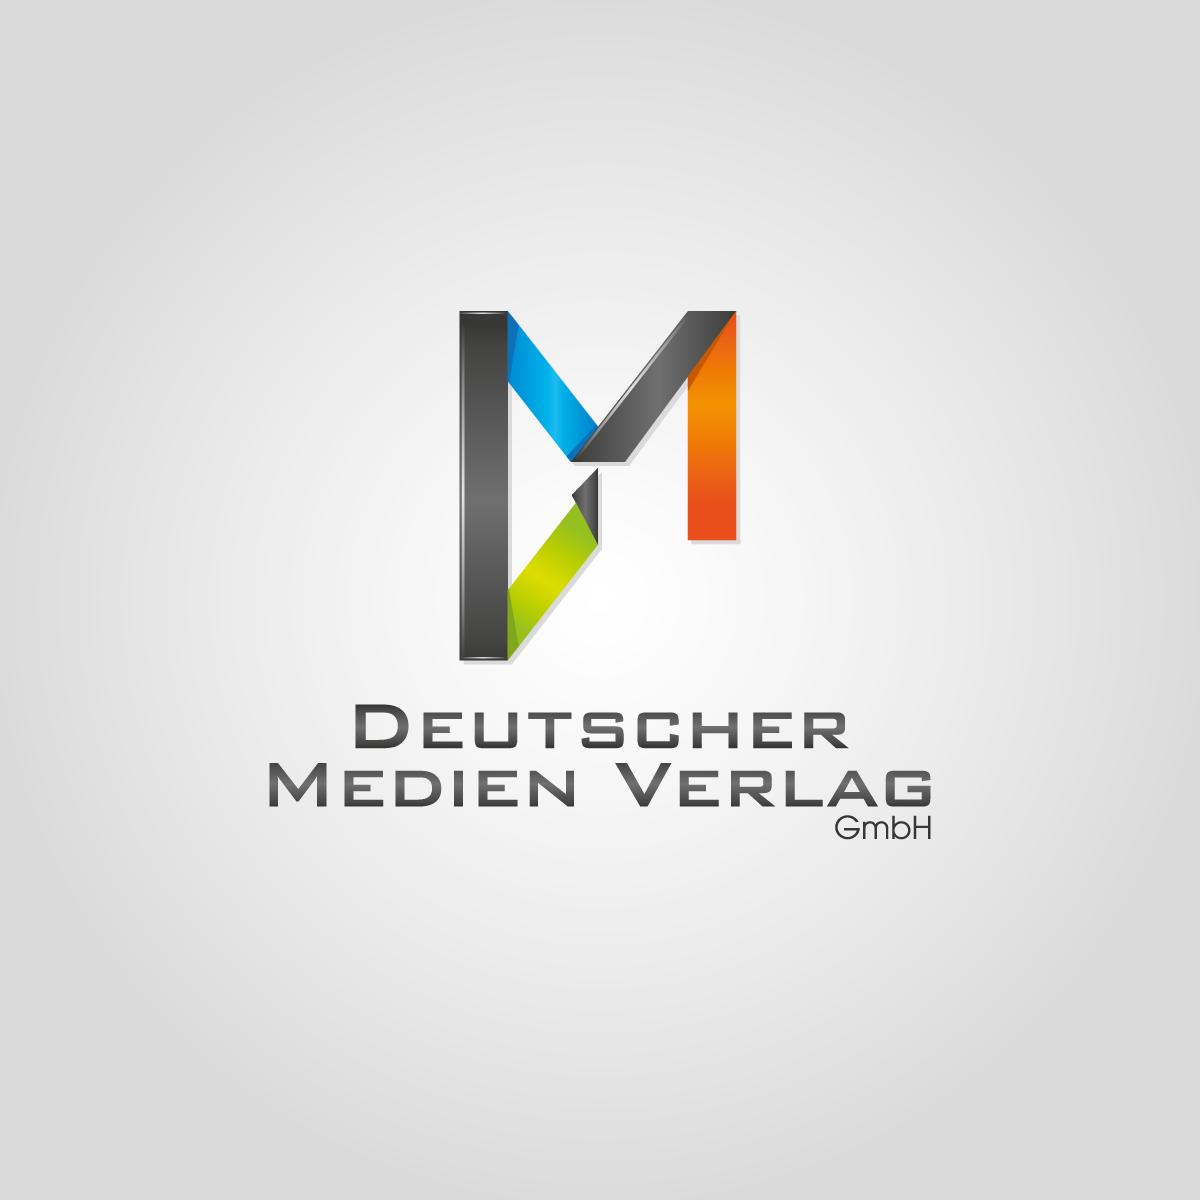 deutscher-medien-verlag-logo